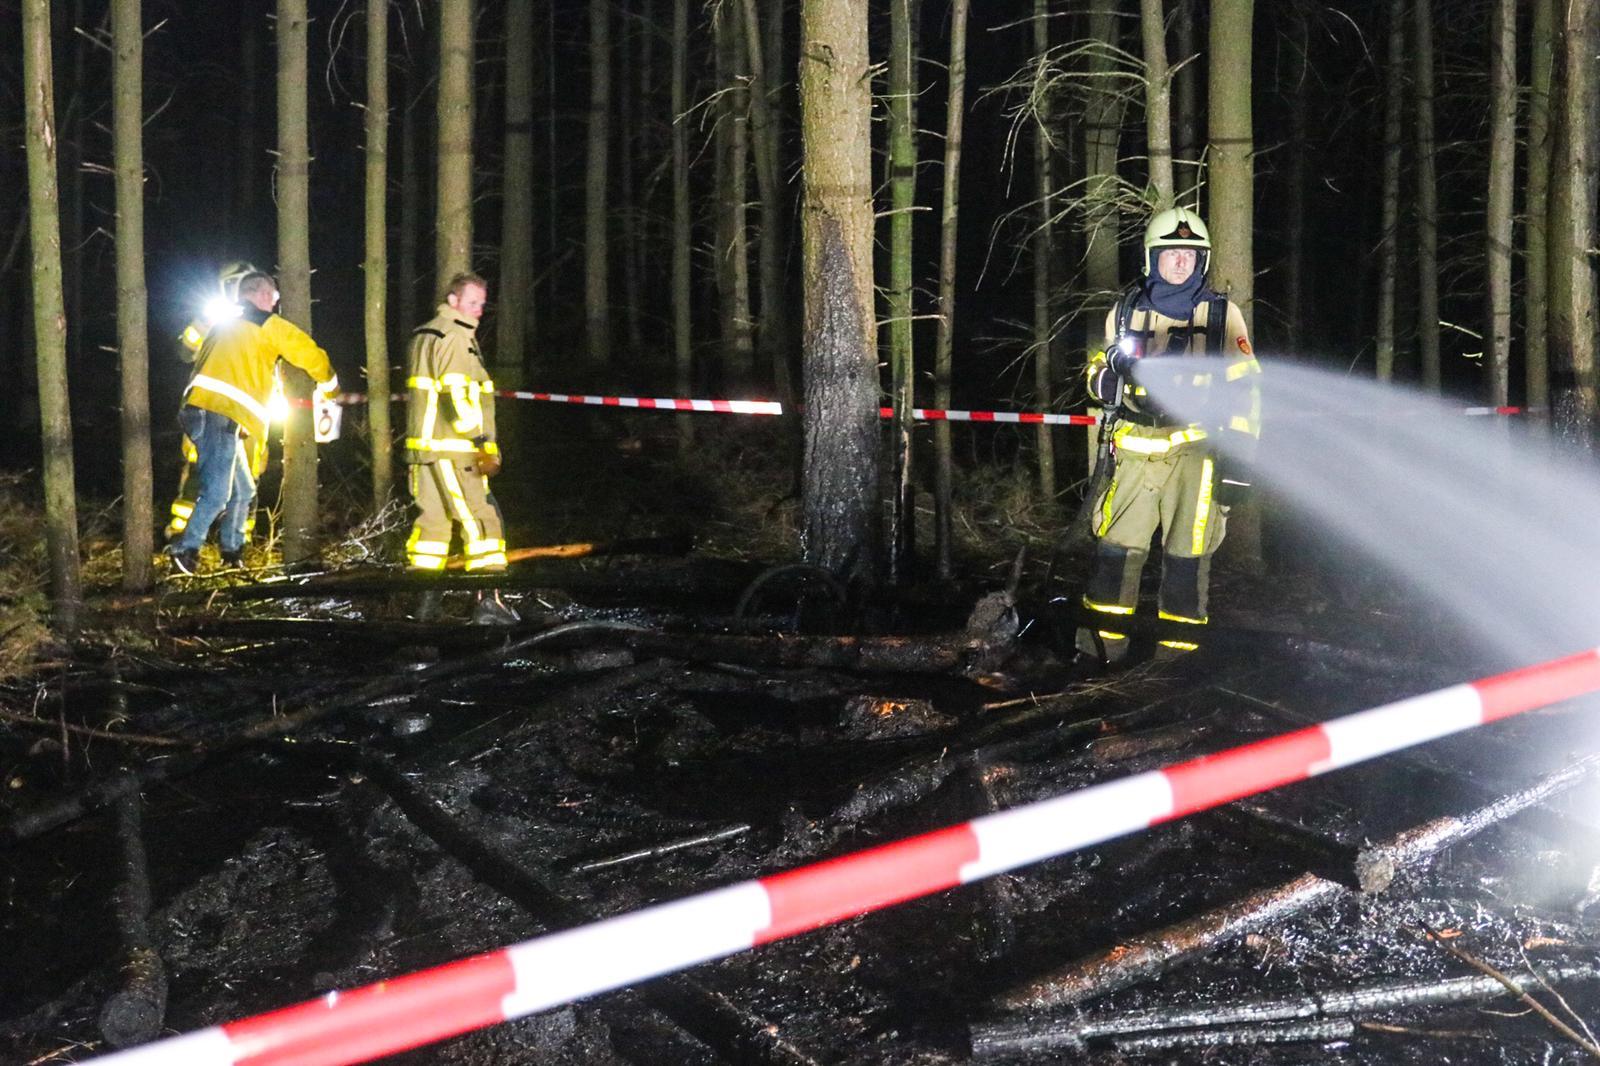 Boswachters ontdekken bosbrand aan de Kleiberg in Apeldoorn